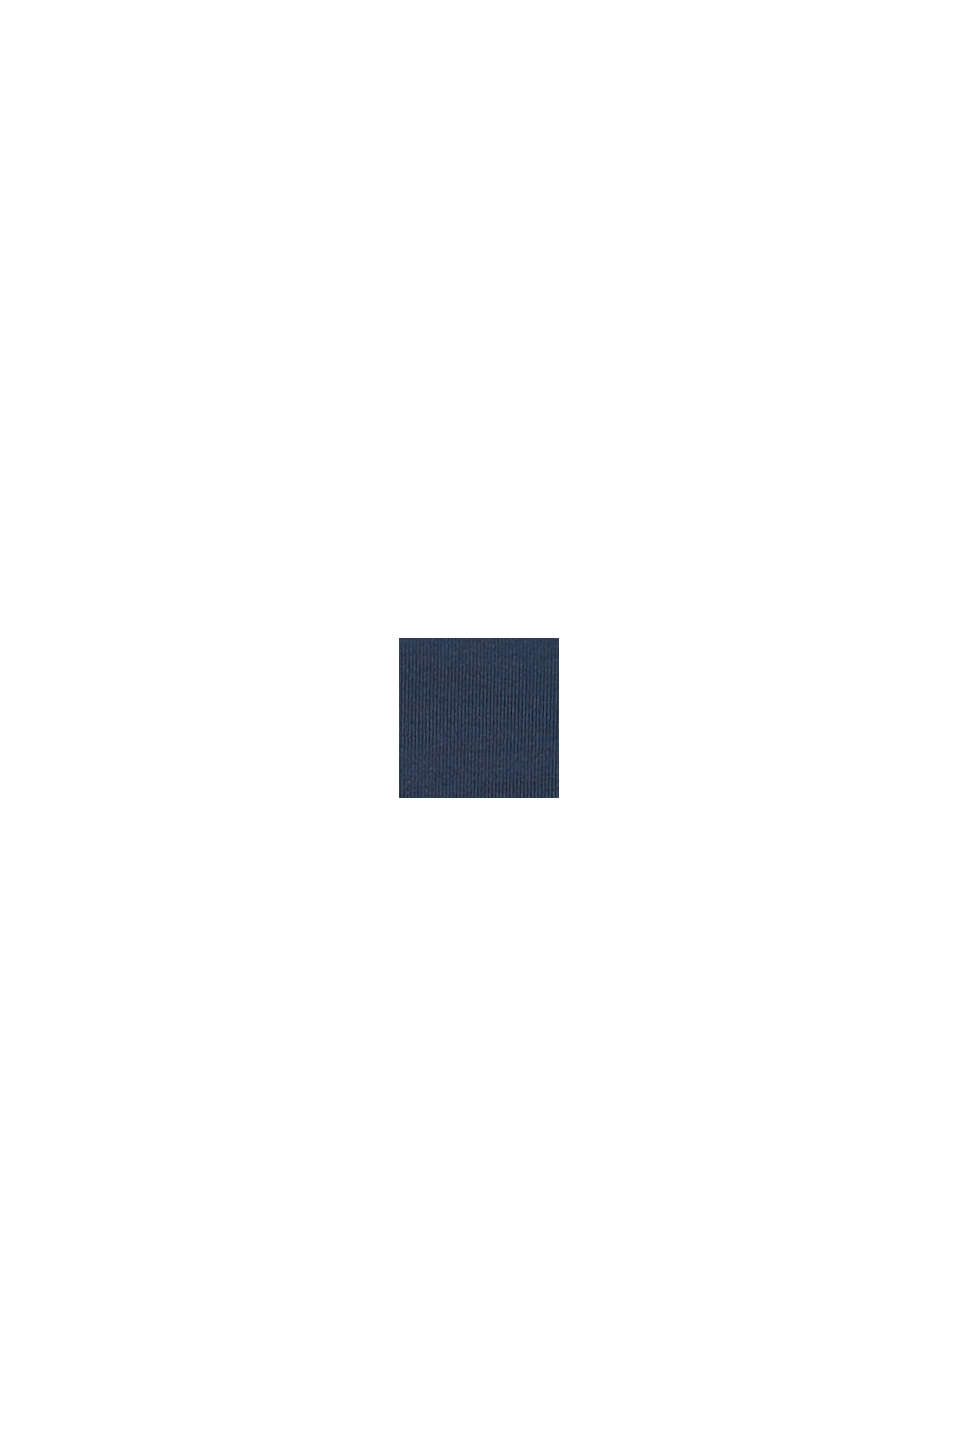 Miditrosa i baslook, DARK BLUE, swatch